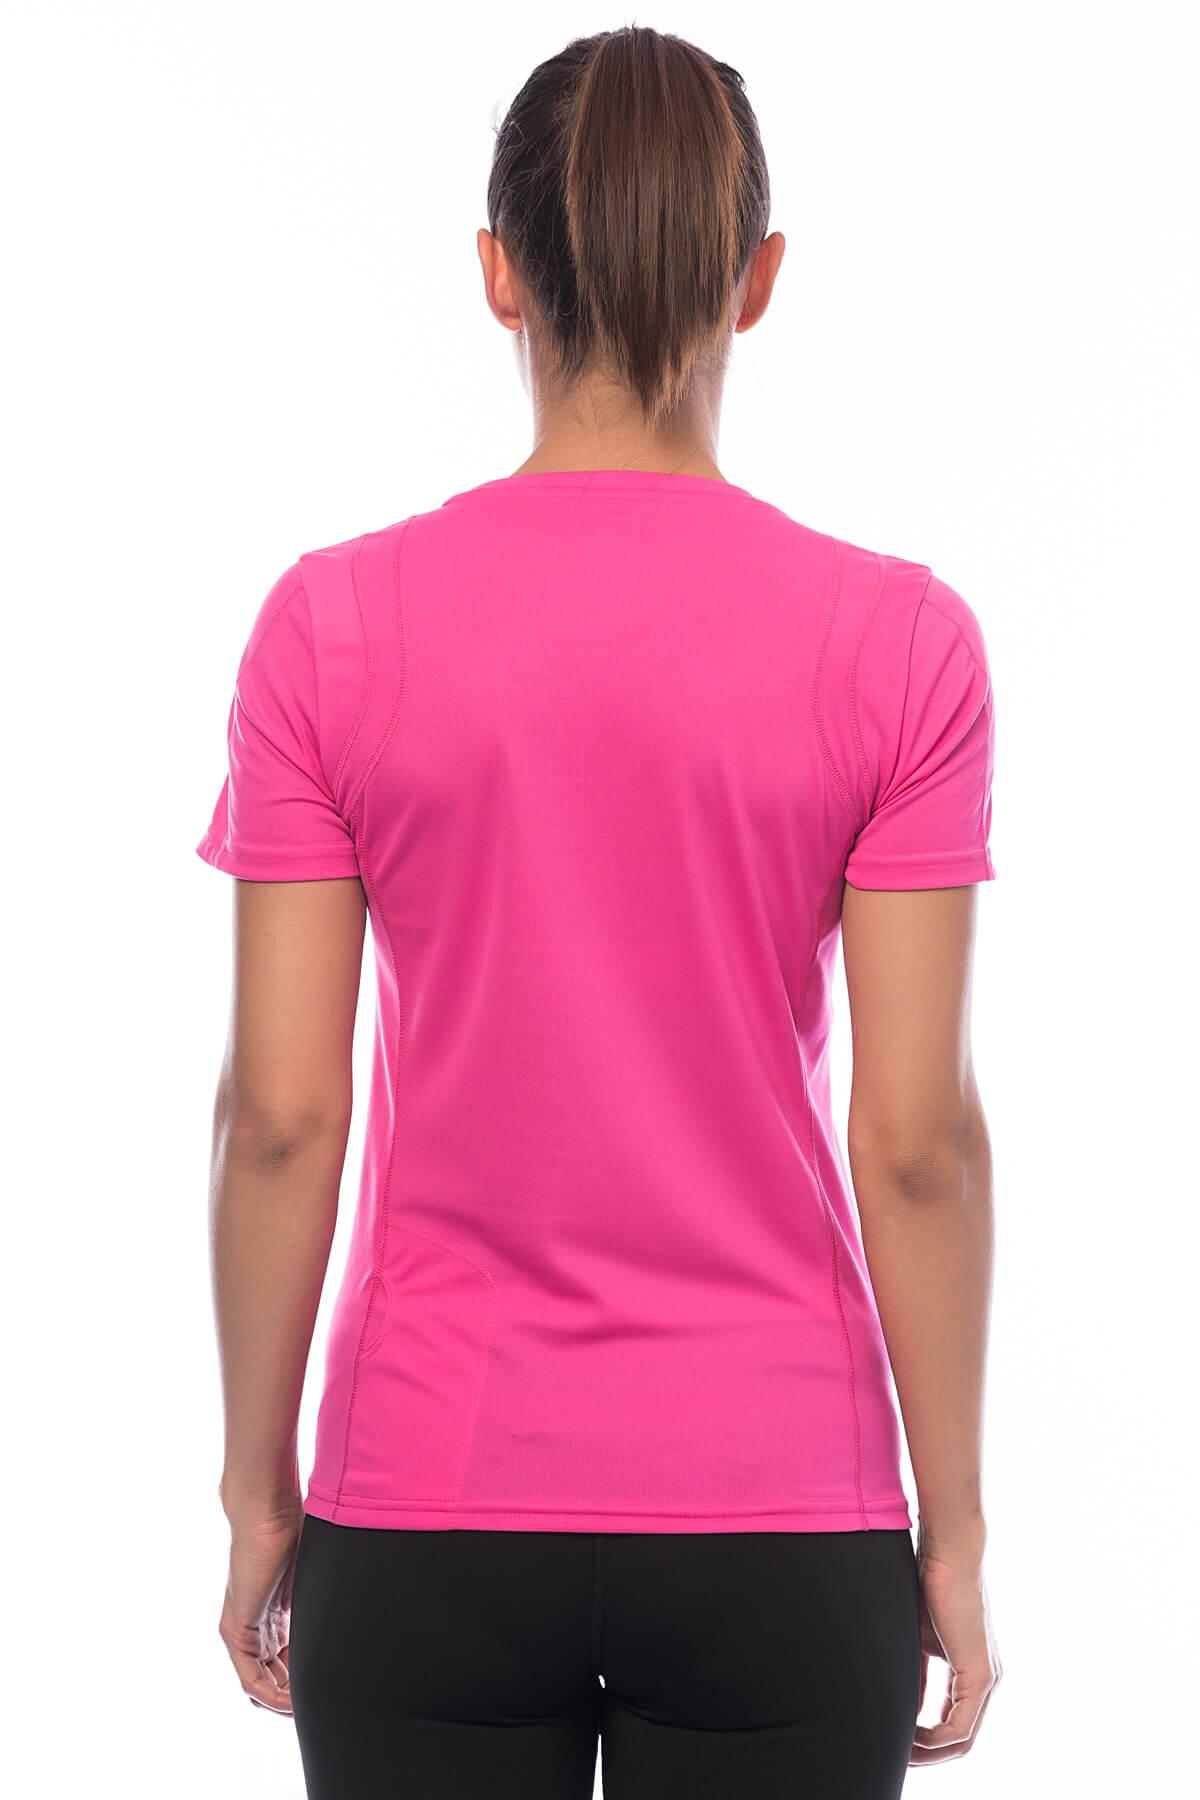 Exuma Kadın T-shirt 142250 2